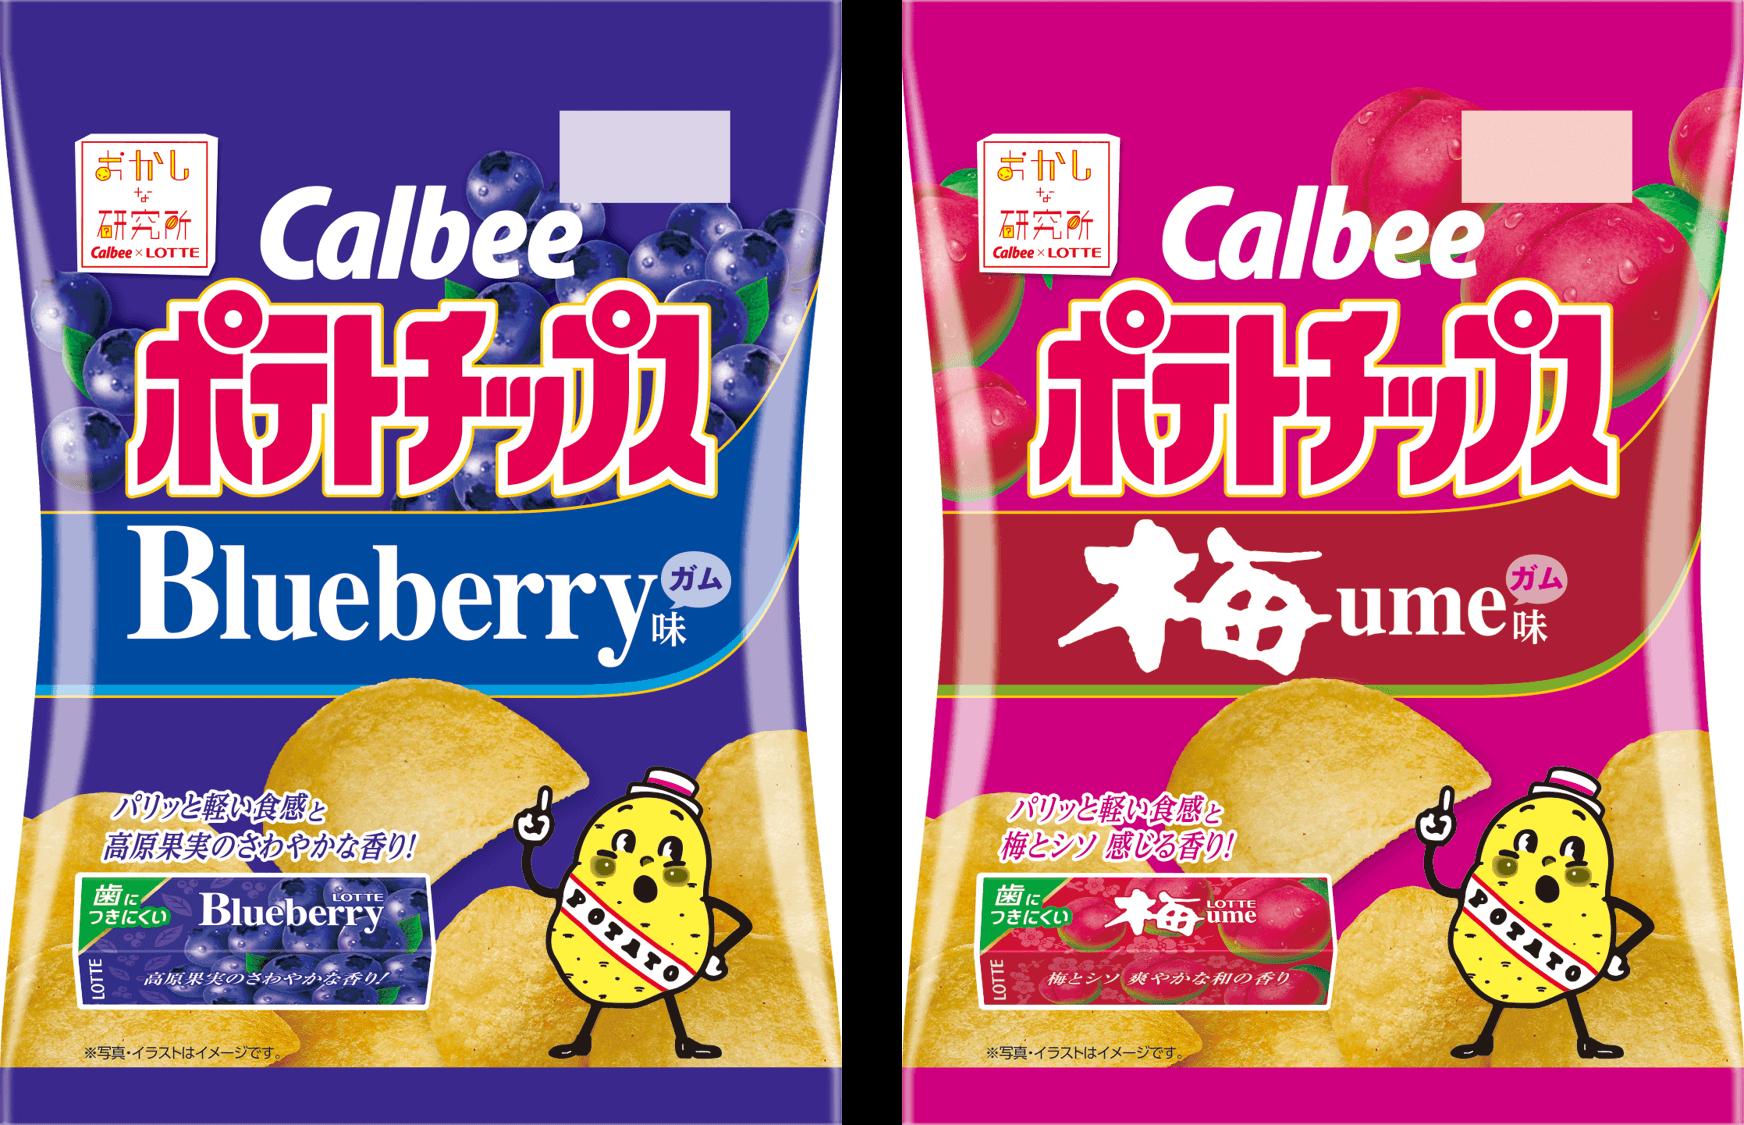 『ポテトチップス ブルーベリーガム味 / 梅ガム味』